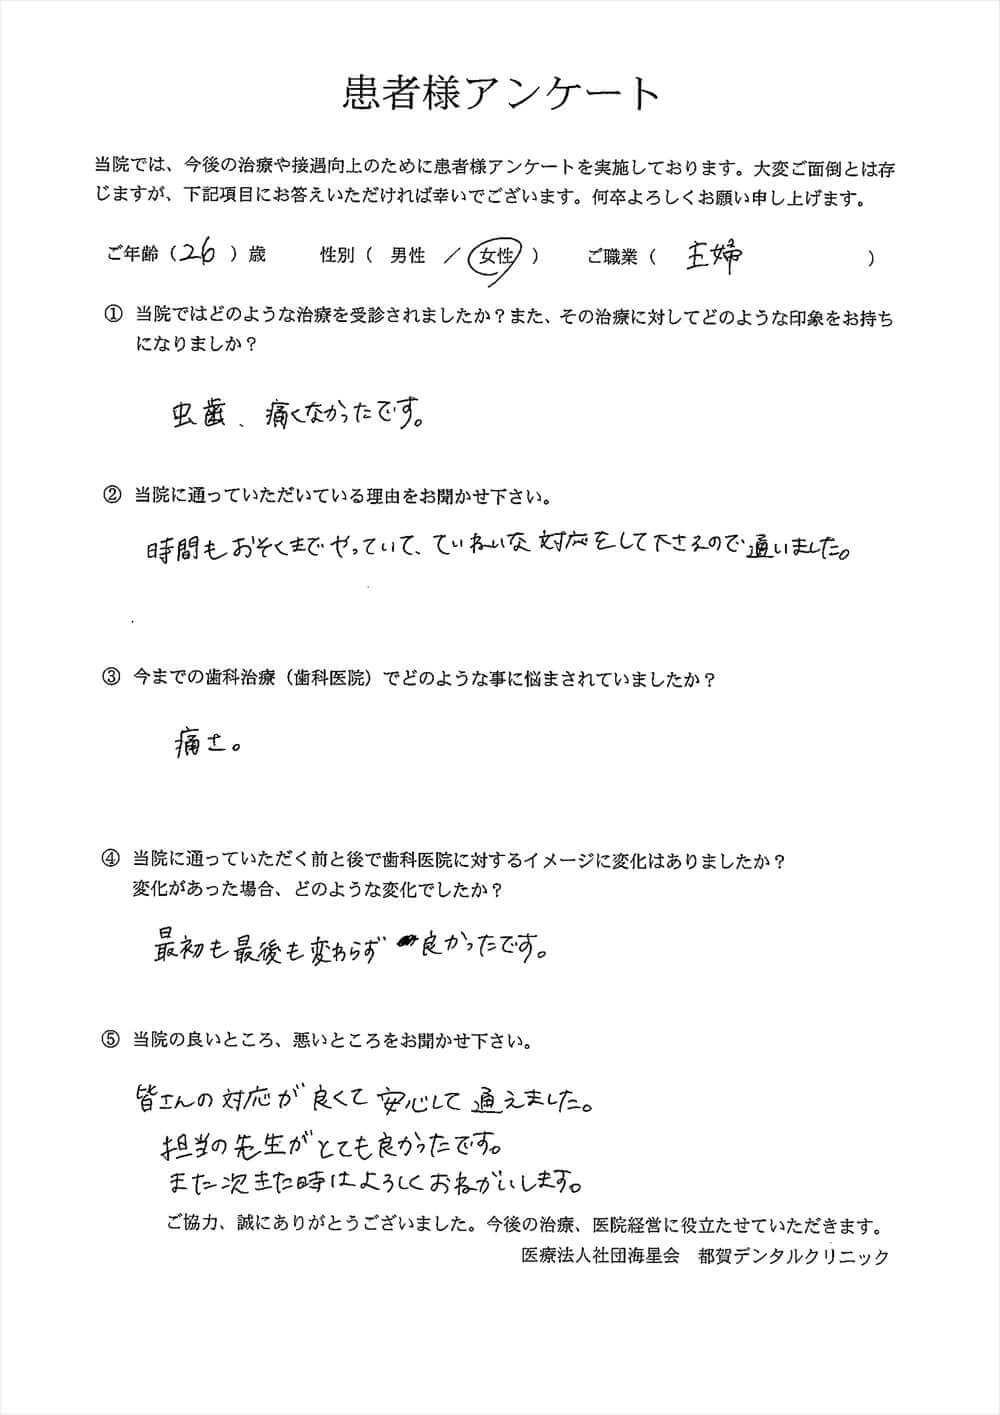 都賀デンタルクリニックの口コミアンケート2